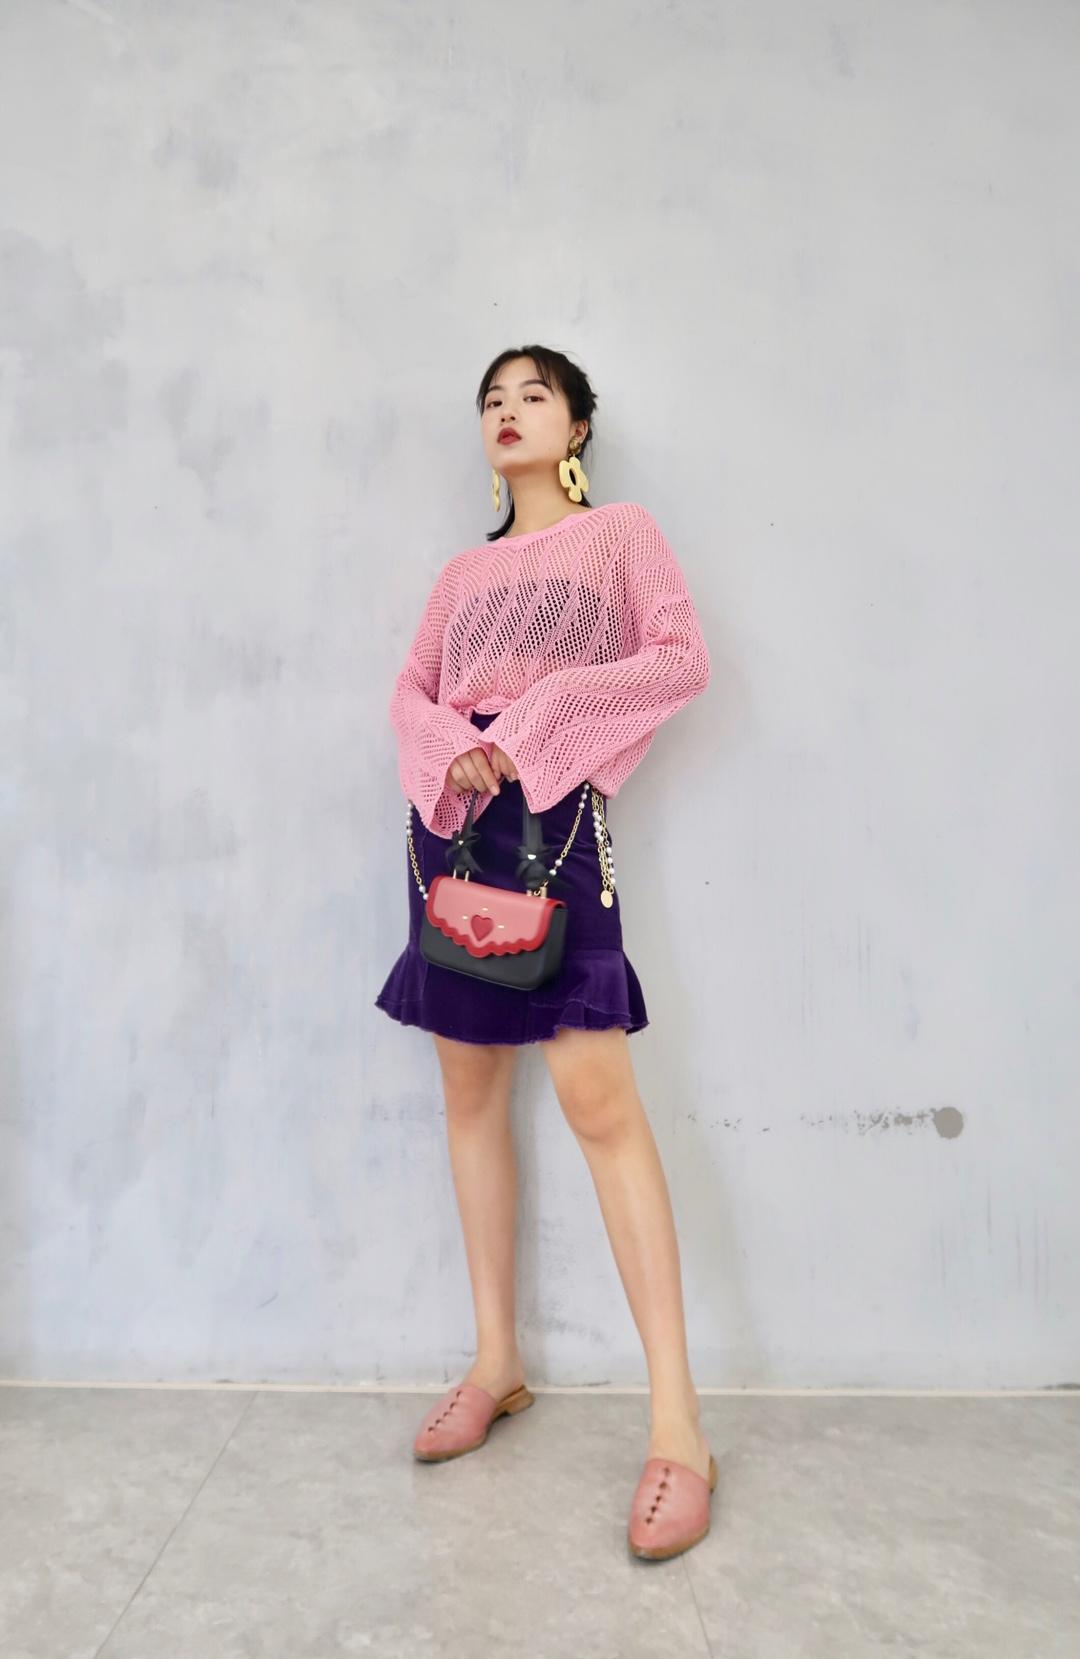 #全网女孩都爱的夏日套装,我可以!# 粉色网面长袖也太清爽了 渔网超爱 高腰半身裙哪个矮个子女生不爱呢 超级显腿长 分分钟拉高比例 紫色搭配粉色  绝对是绝配~ 夏日套装 我pick这套